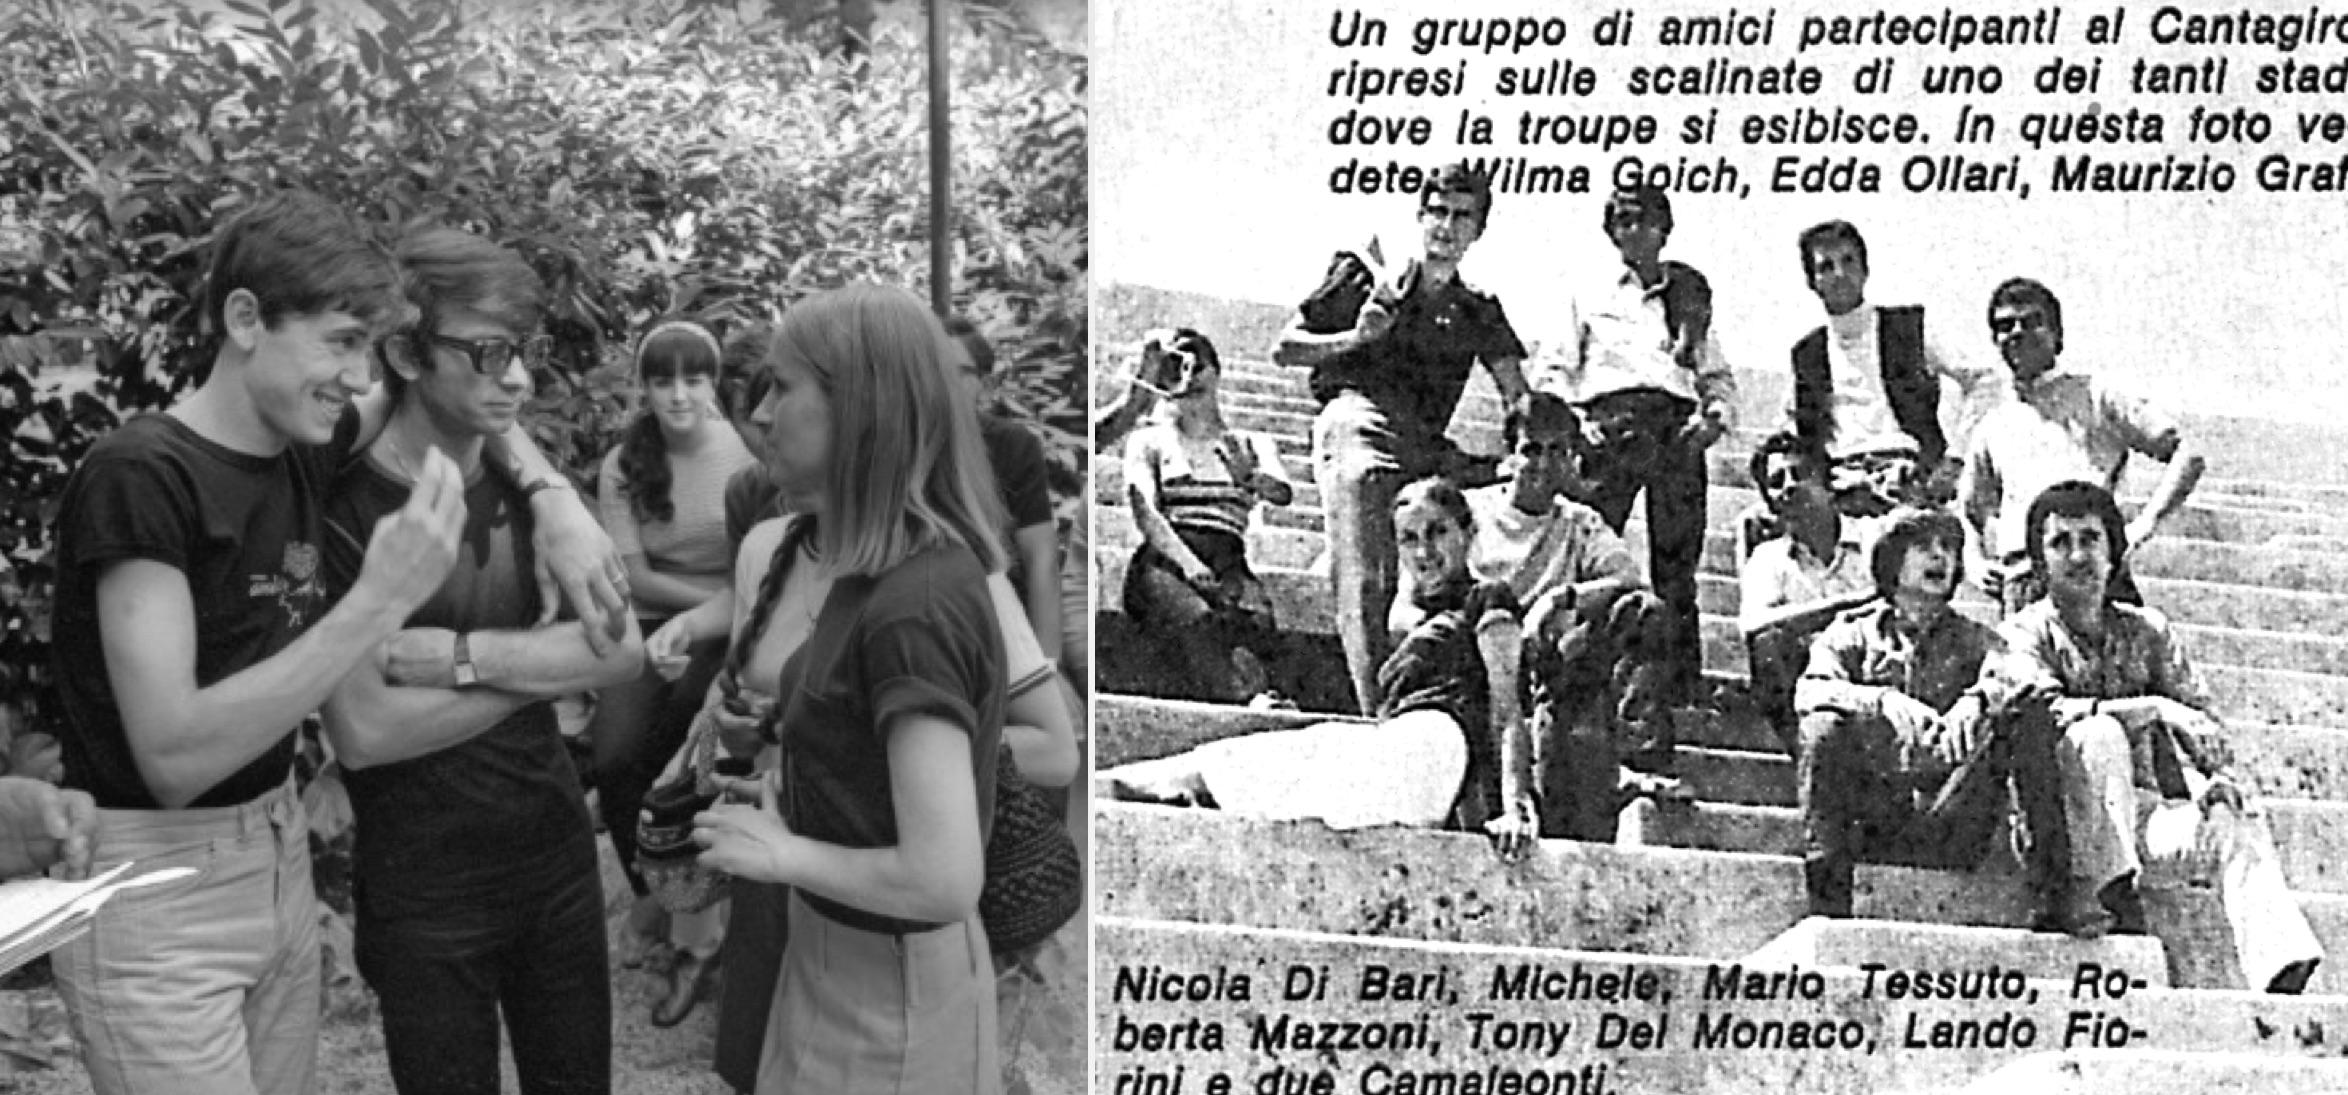 """(Foto de la izq.: Archivio RCS-Fusar / Foto de la der.: Revista """"Ciao Amici"""")."""